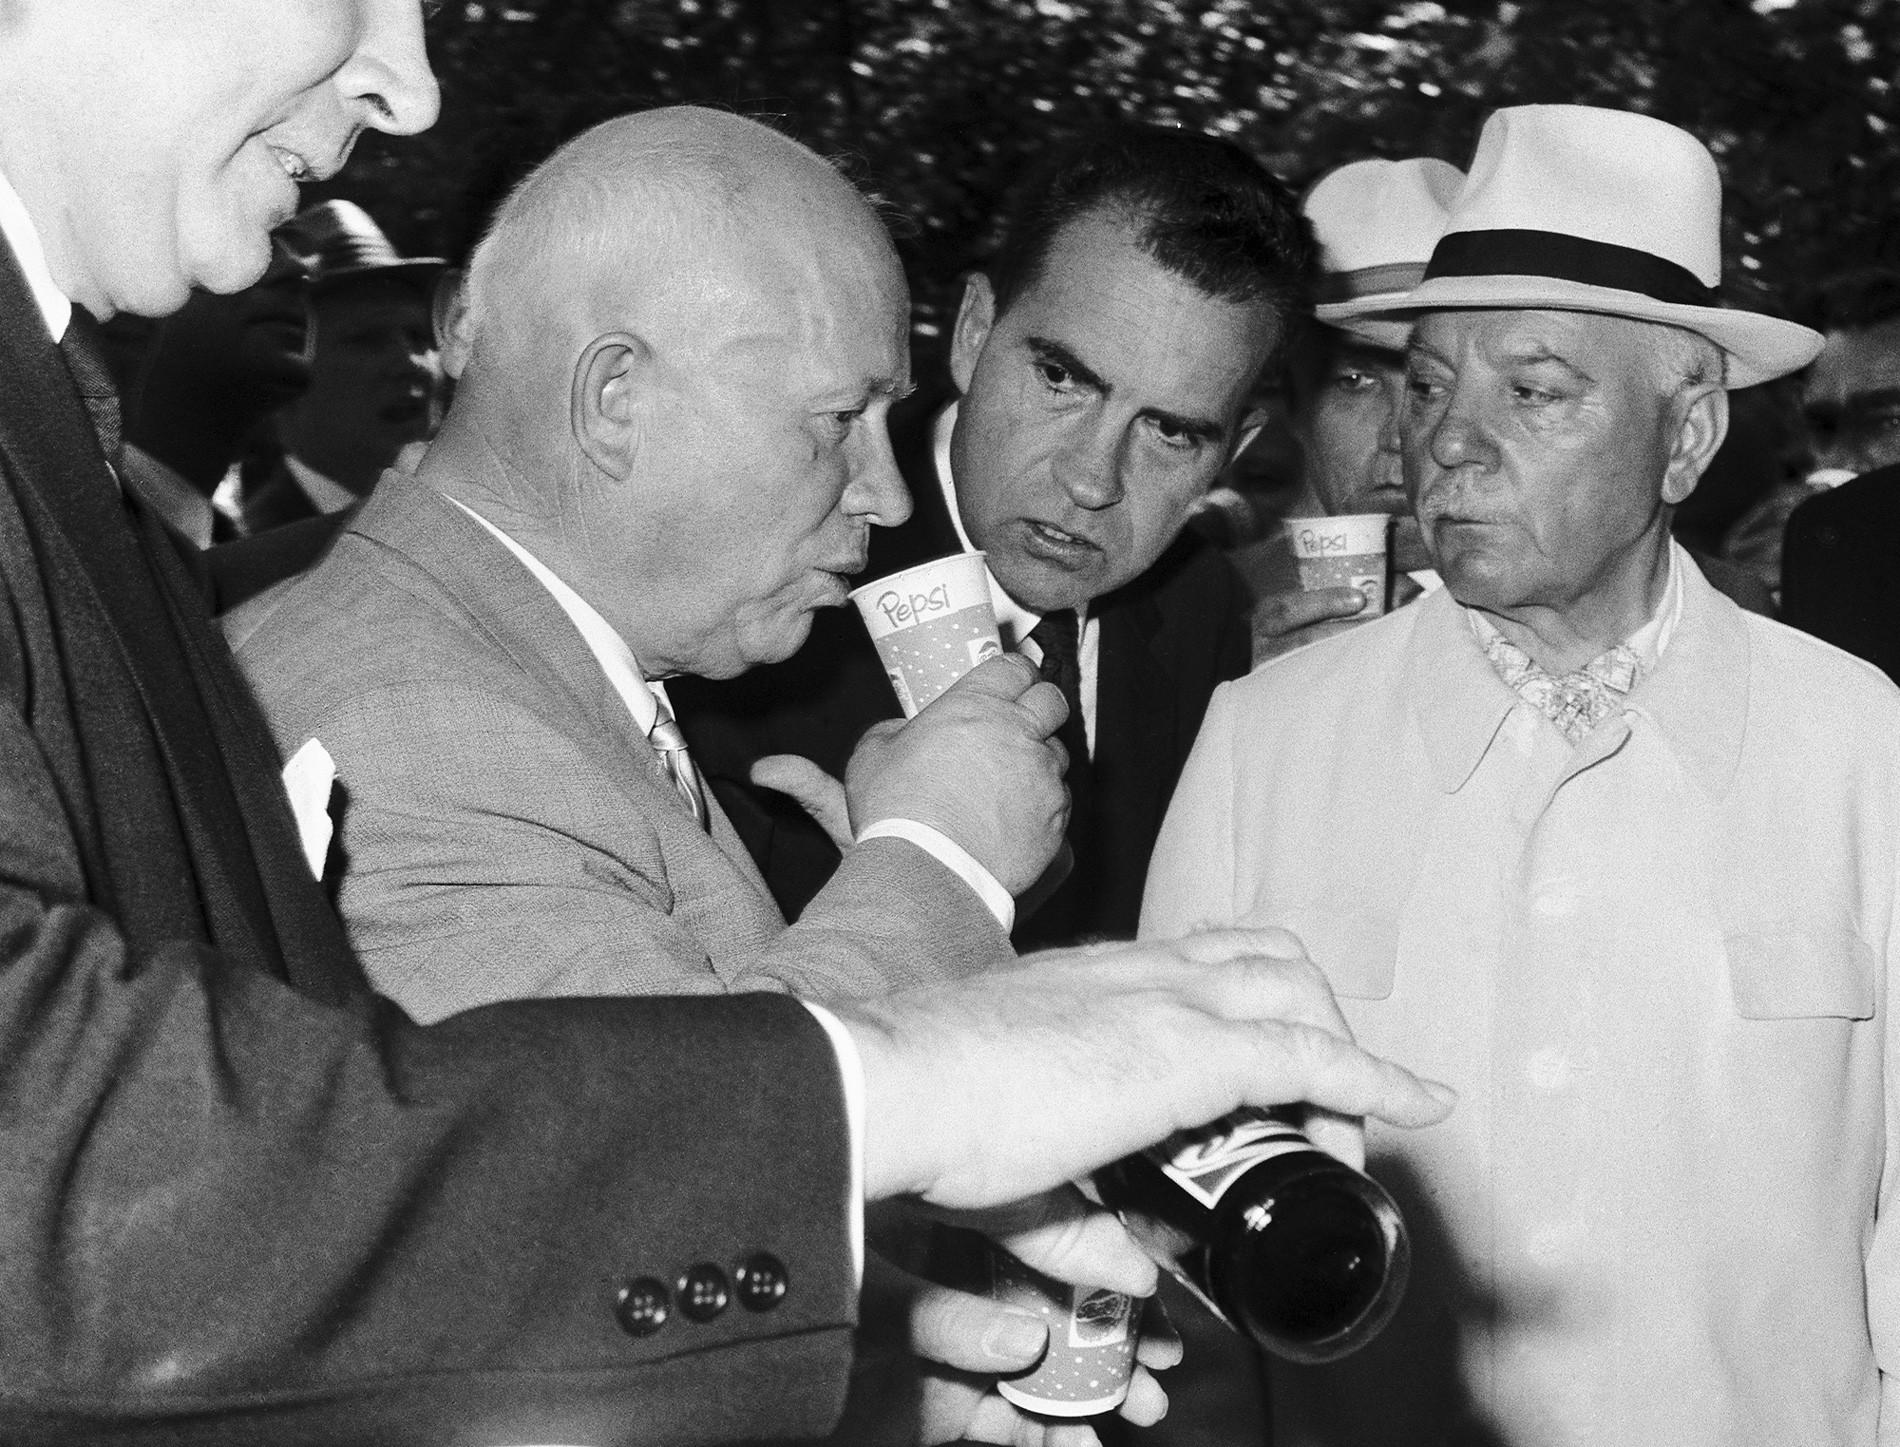 Sous un regard attentif de Richard M. Nixon, Nikita Khrouchtchev boit un verre de Pepsi lors d'une exposition américaine au parc Sokolniki, juillet 1959.